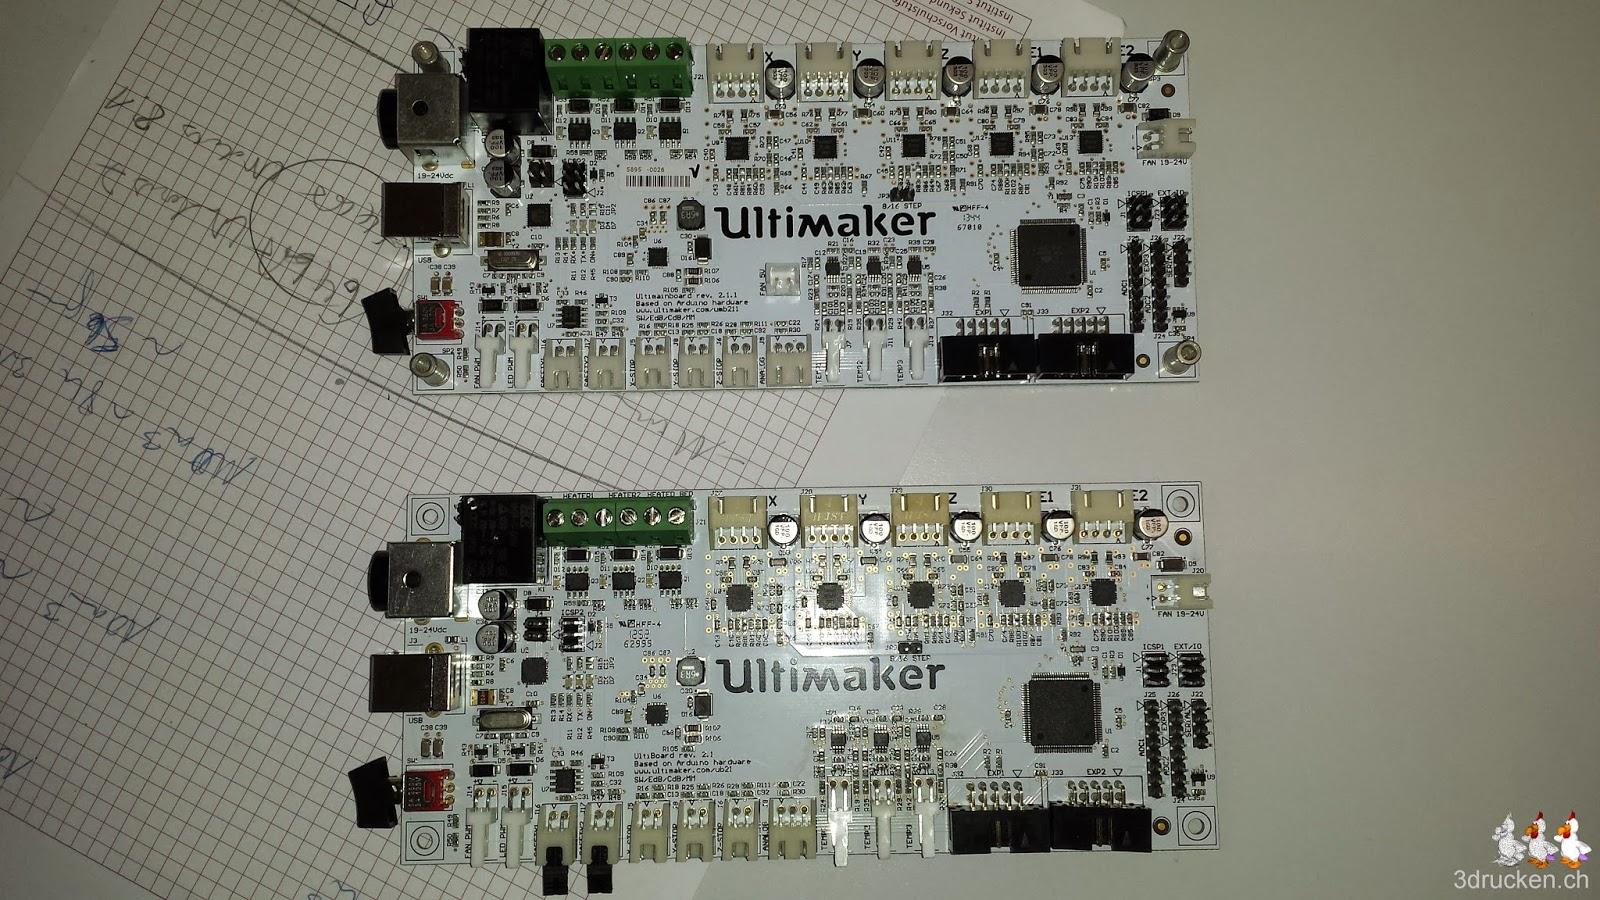 Foto der beiden Elektronikboard-Versionen des Ultimaker 2